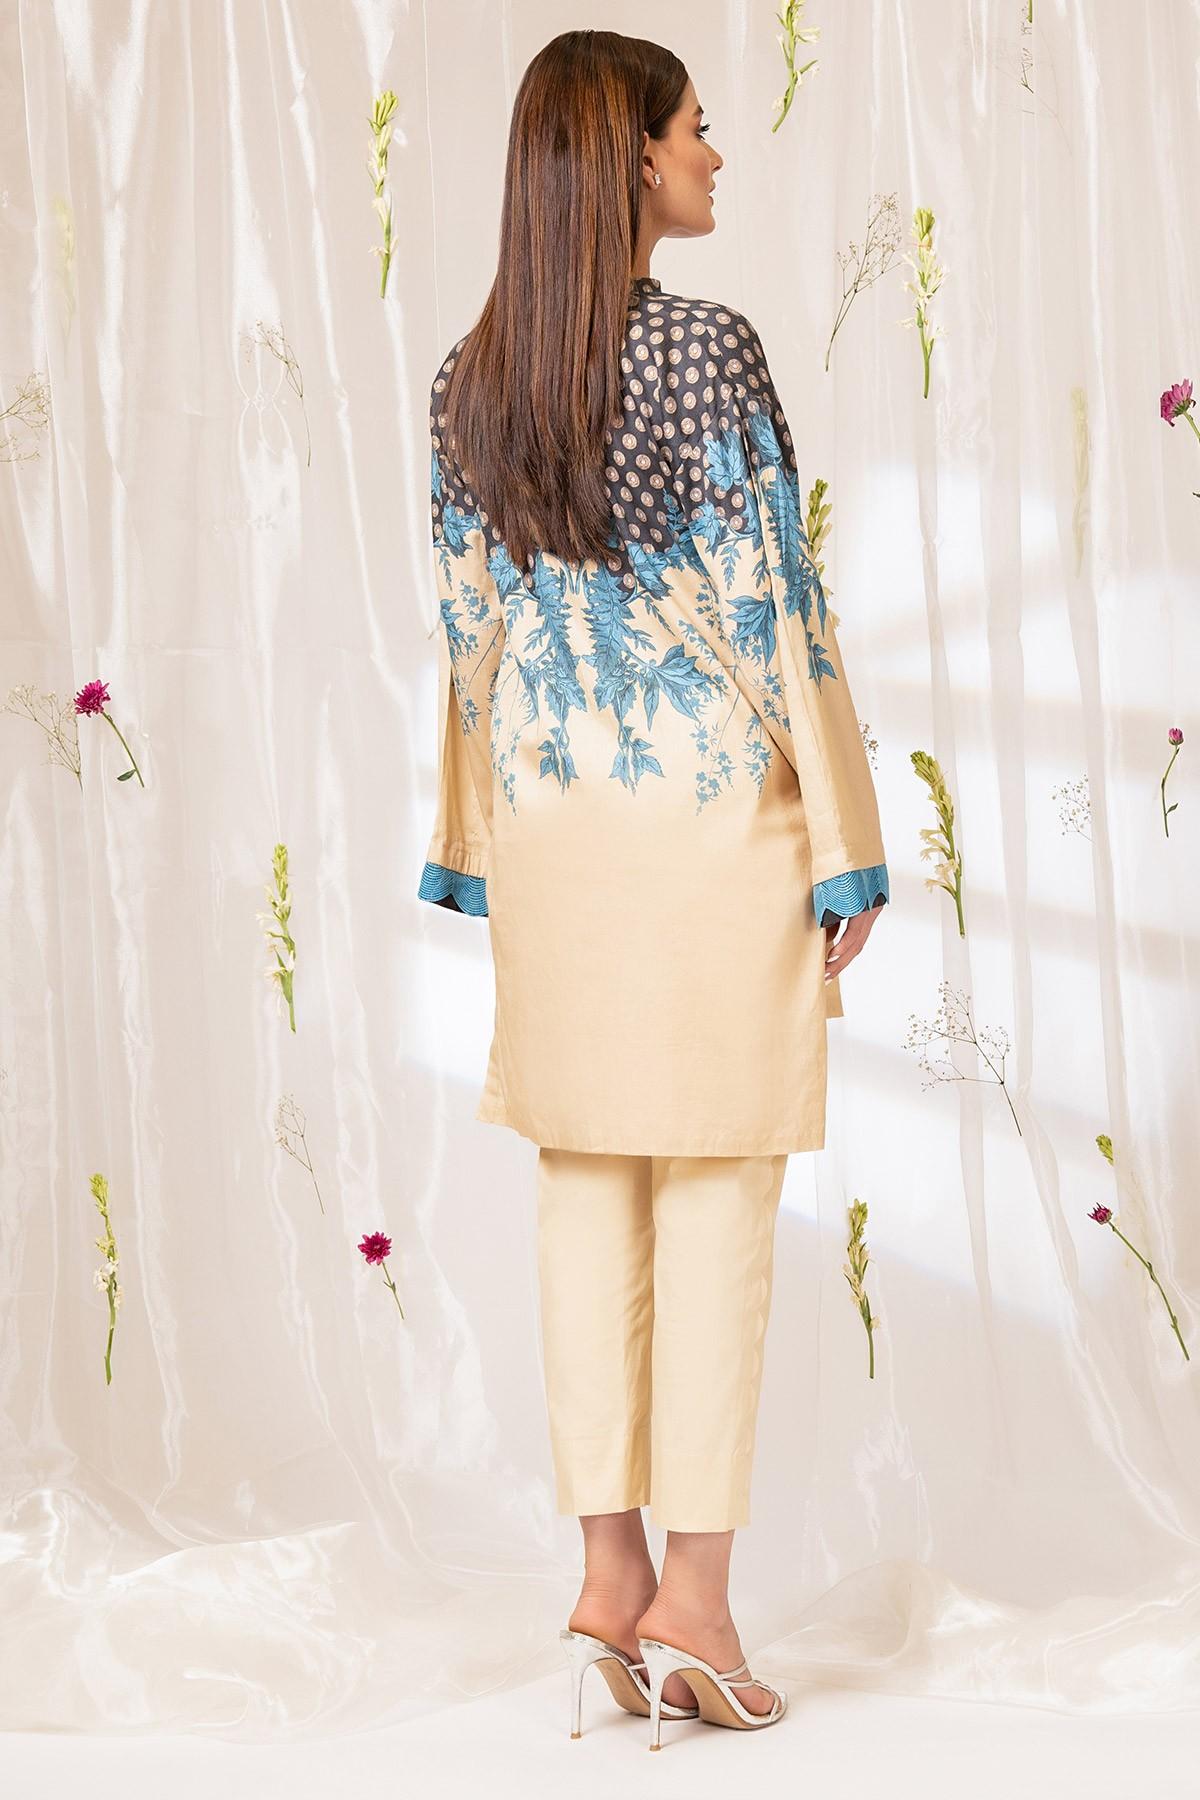 Al-Akaram pret winter collection multi color Printed Cotton Satin Kurti